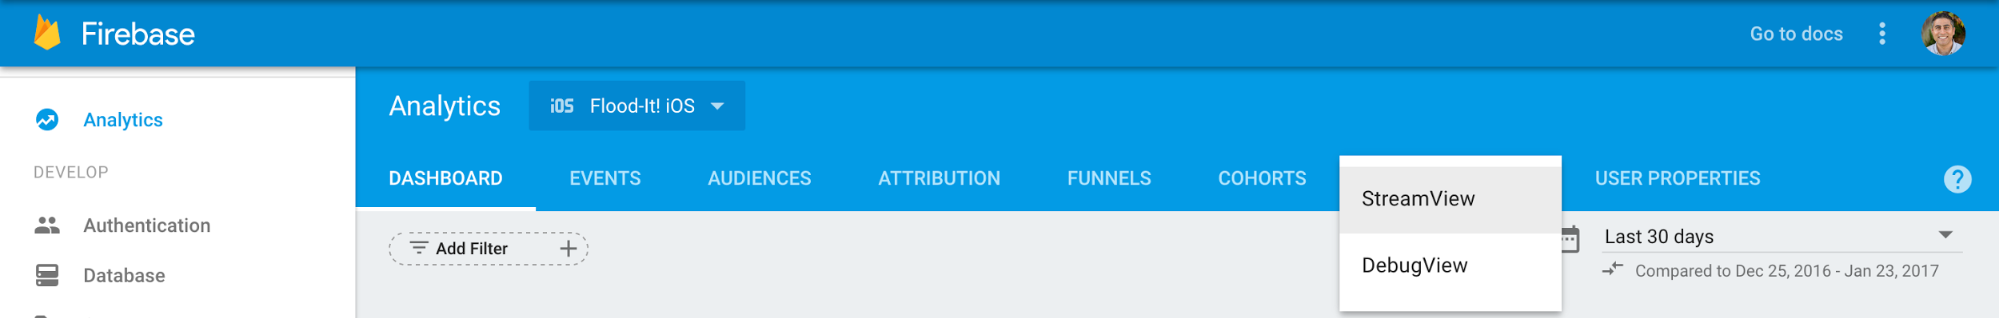 """转至 DebugView,具体方法是选择 Google Analytics(分析)顶部导航栏上 StreamView 旁边的箭头,然后选择""""DebugView"""""""